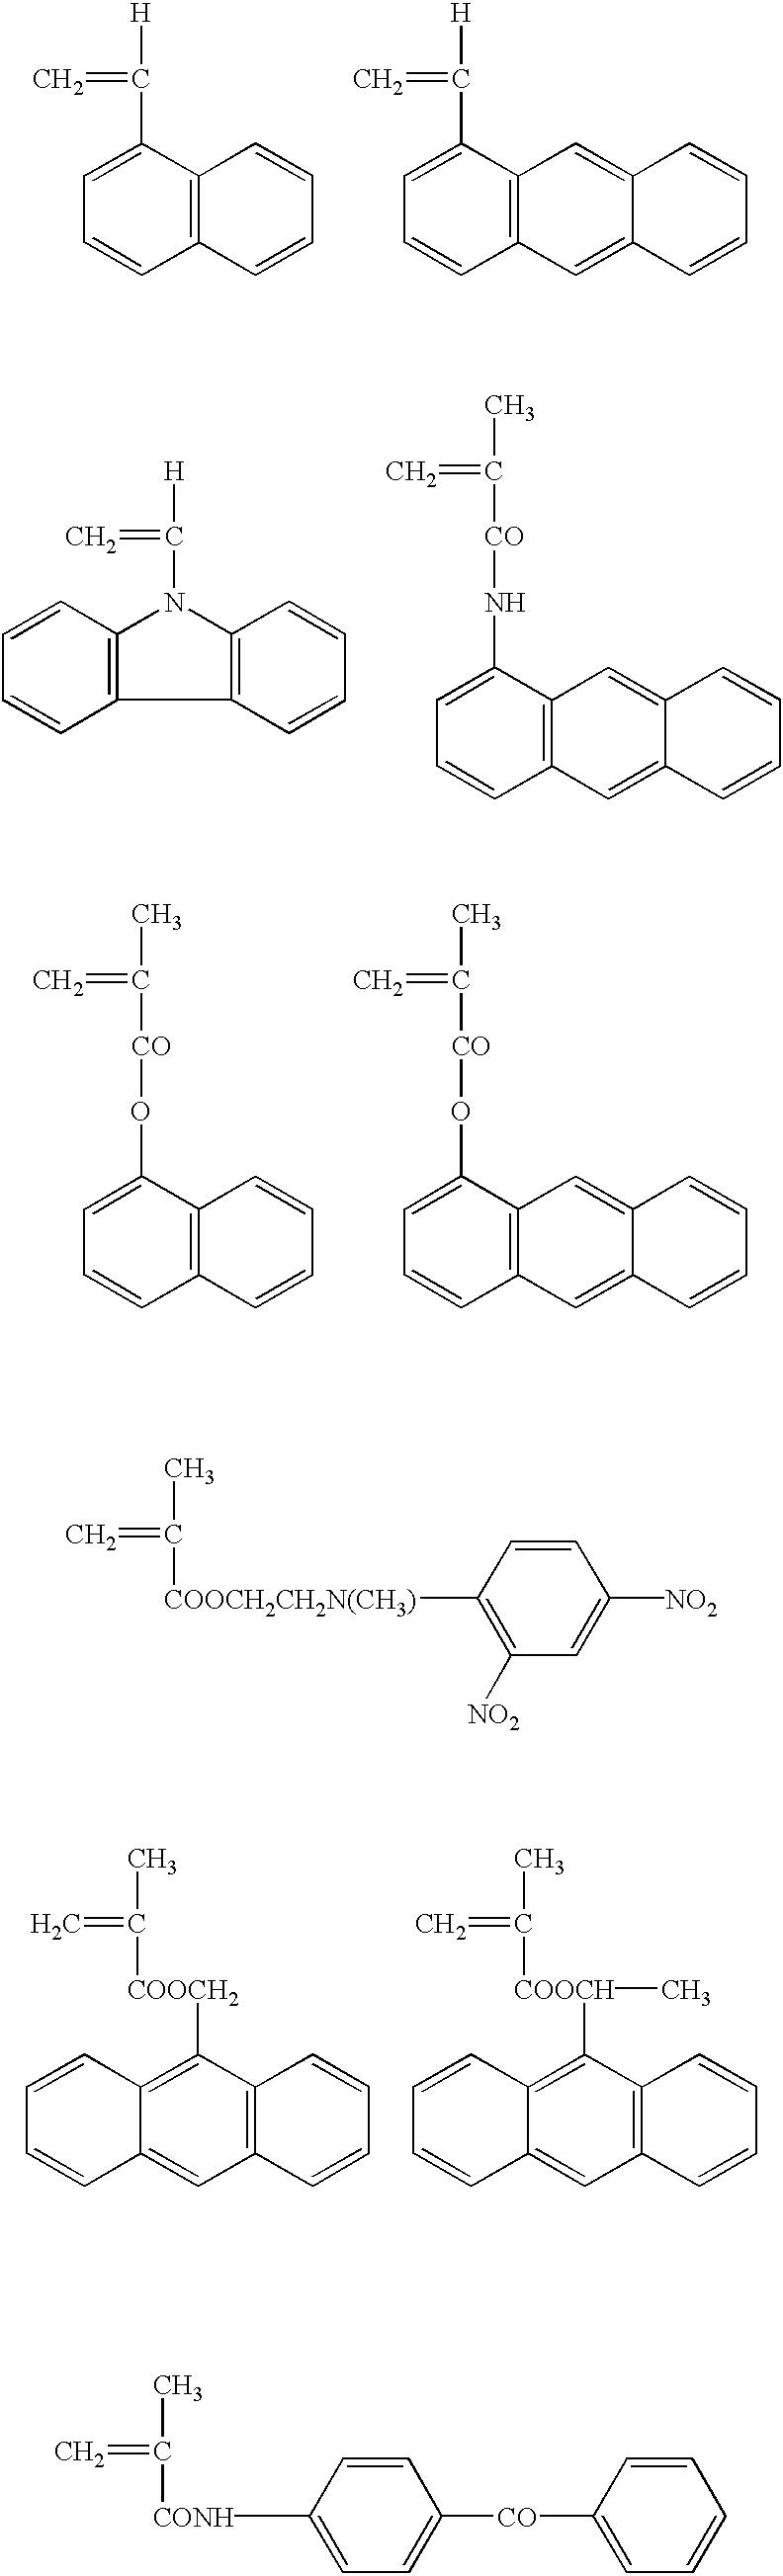 Figure US06737492-20040518-C00010